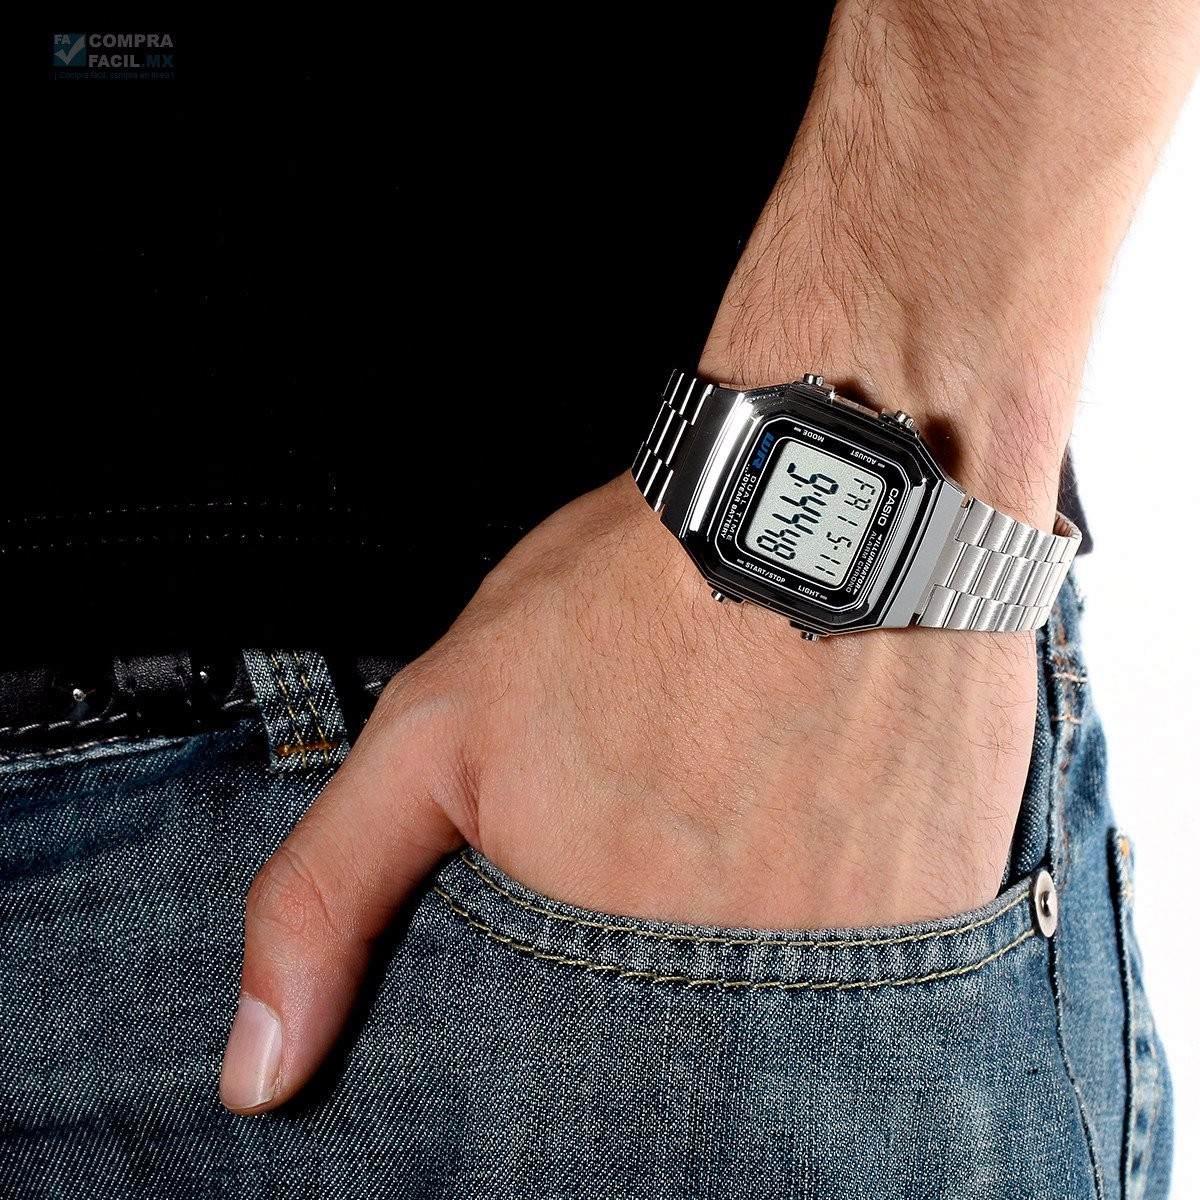 fc9366bb3474 reloj casio retro vintage a-178wa-1a local barrio belgrano. Cargando zoom.